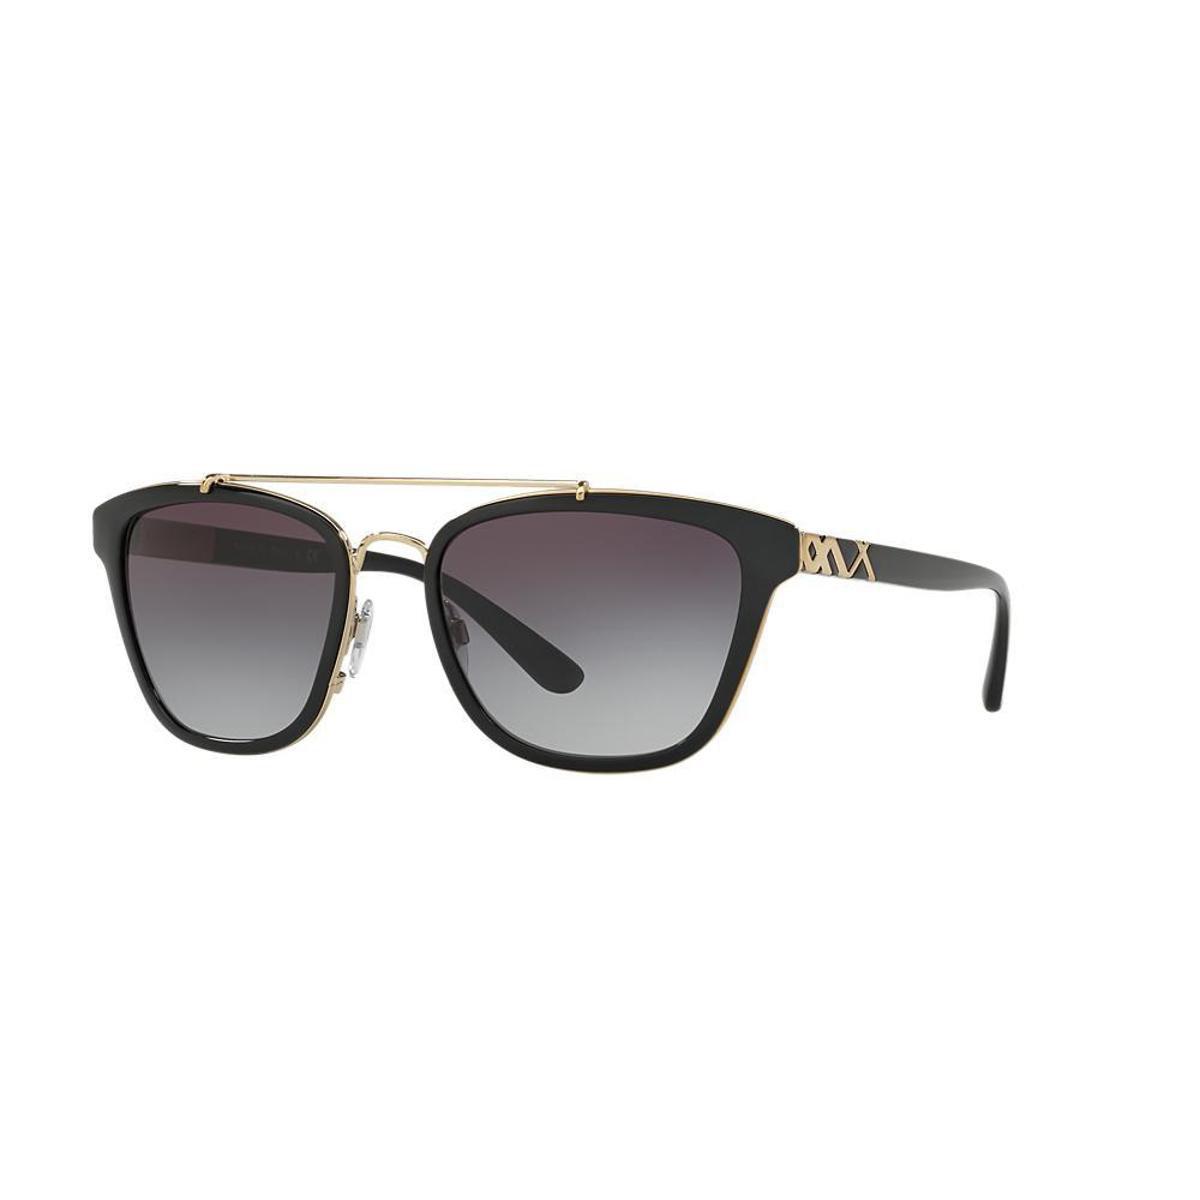 e794417c45 Óculos de Sol Burberry Quadrado BE4240 Feminino - Compre Agora